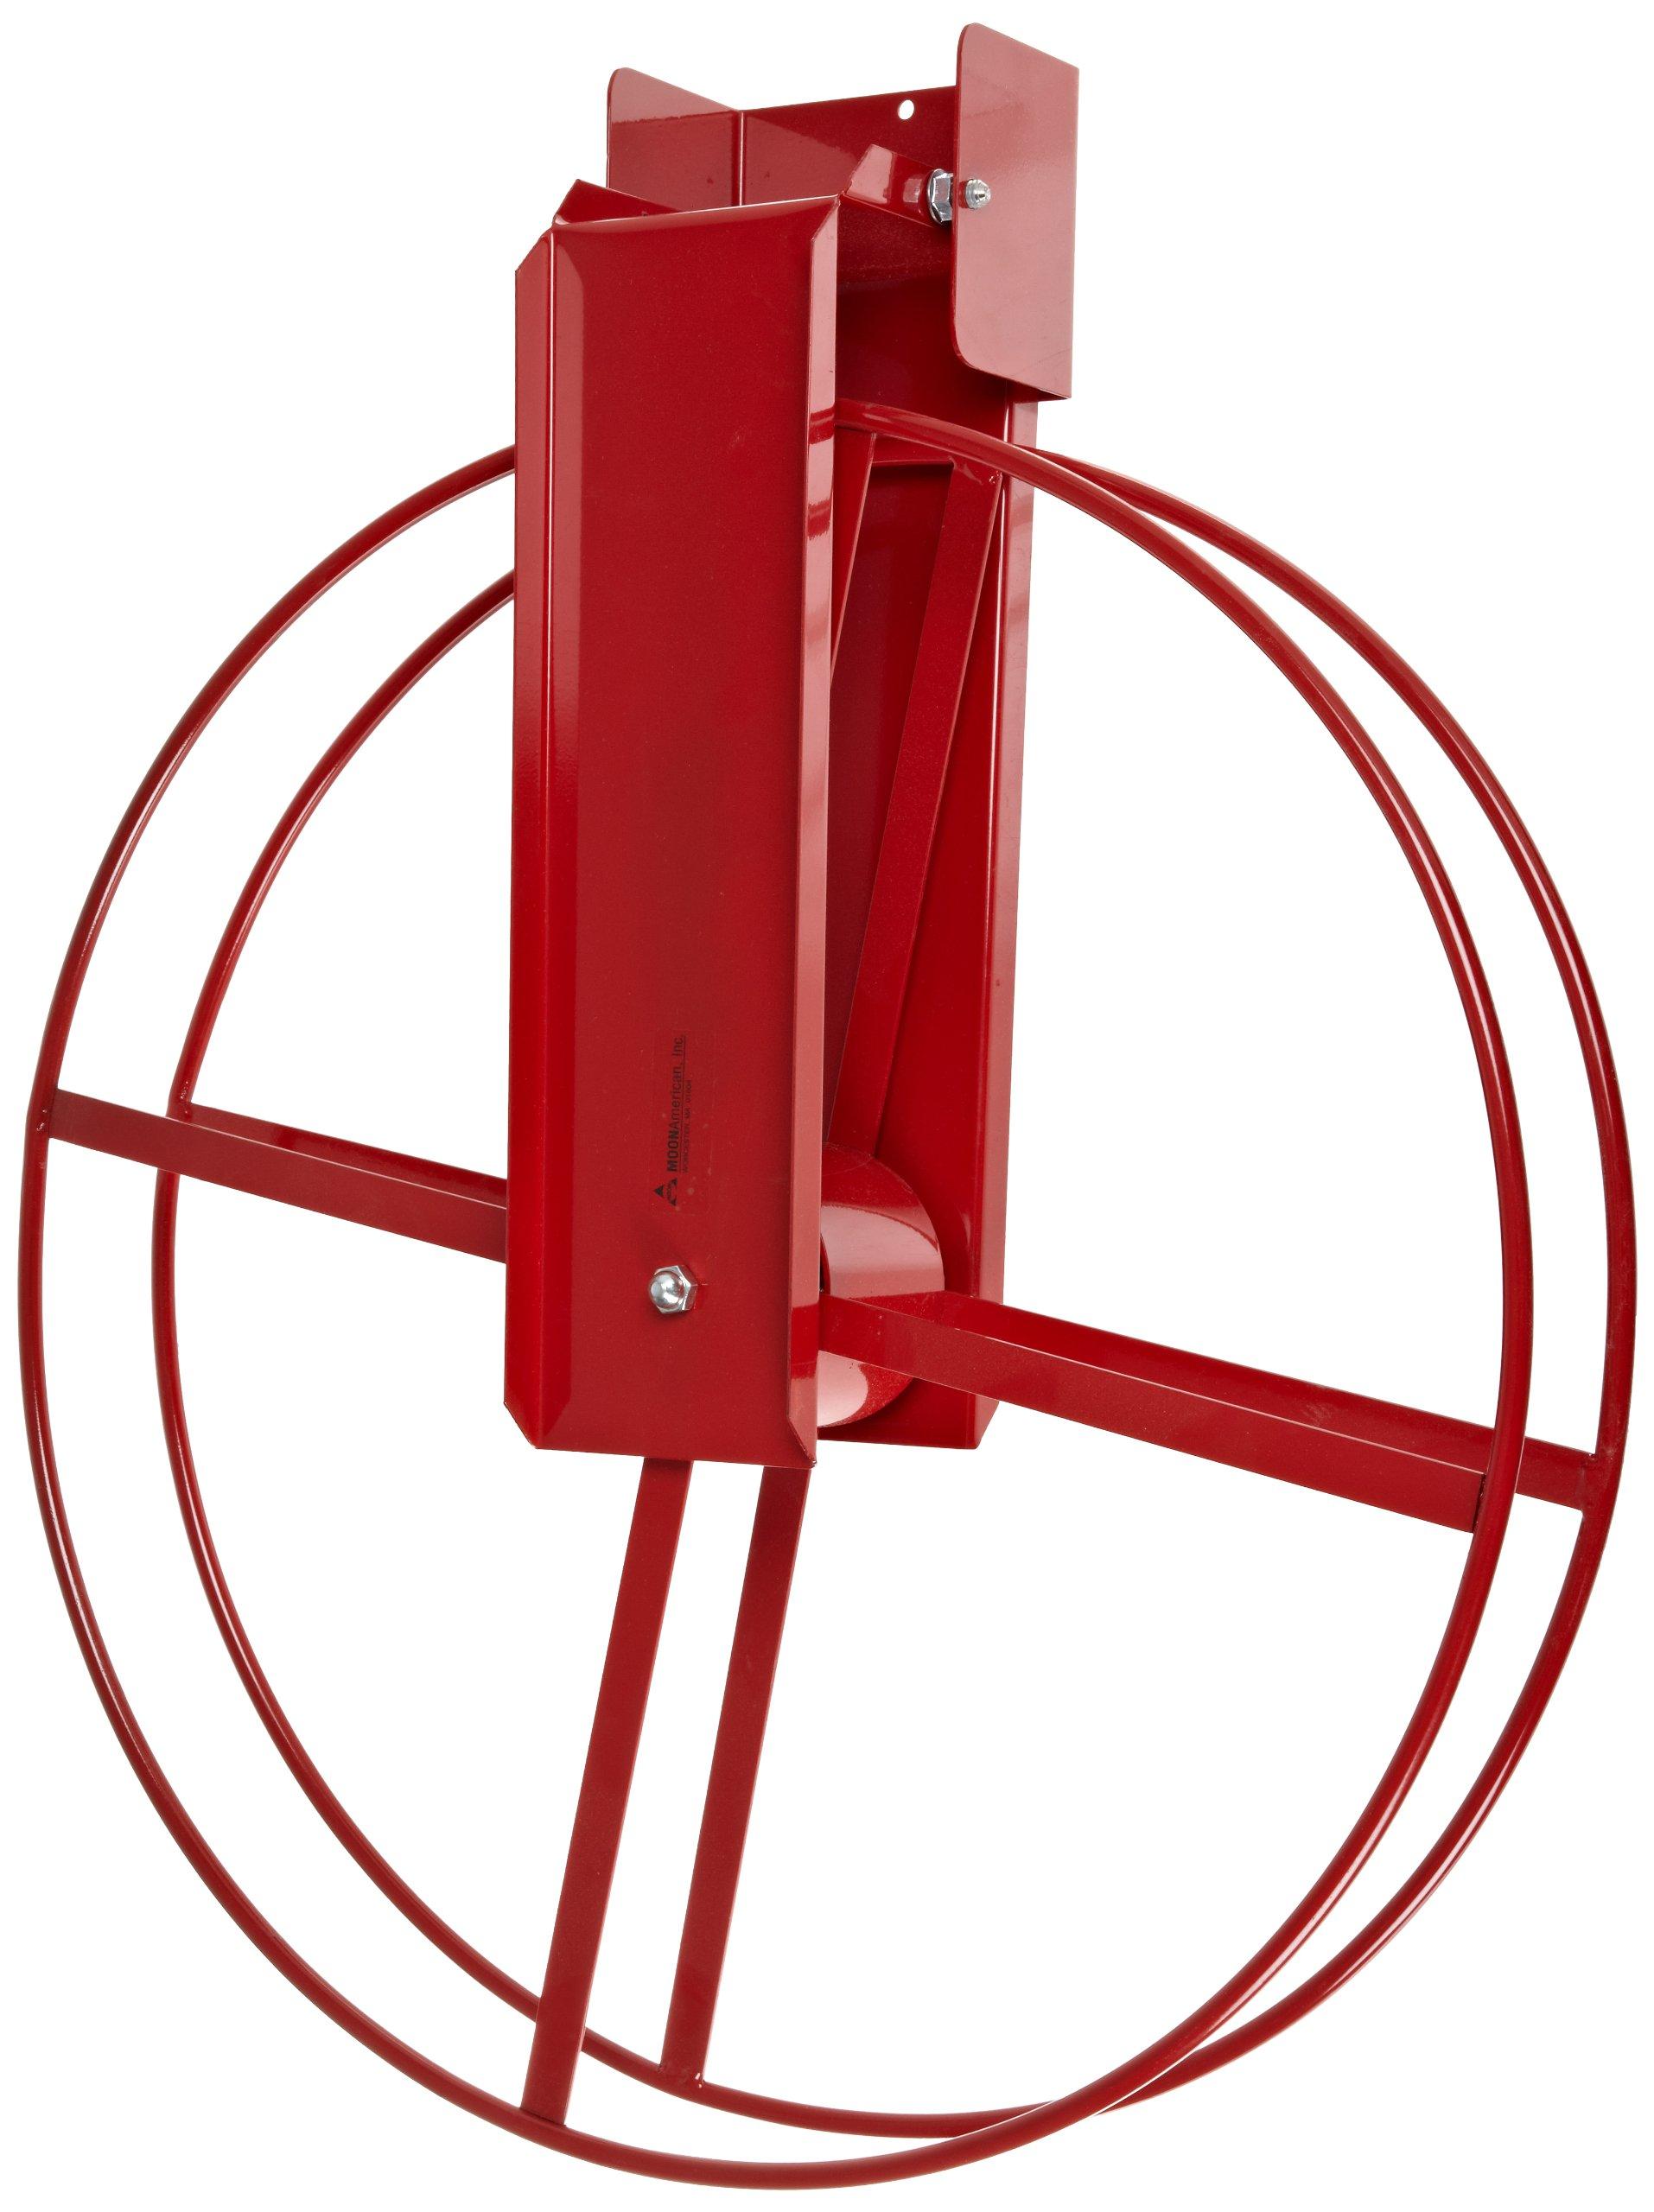 Moon American 1431-3 Standard Fire Hose Reel, Steel, for 1-1/2'' x 100' Hose